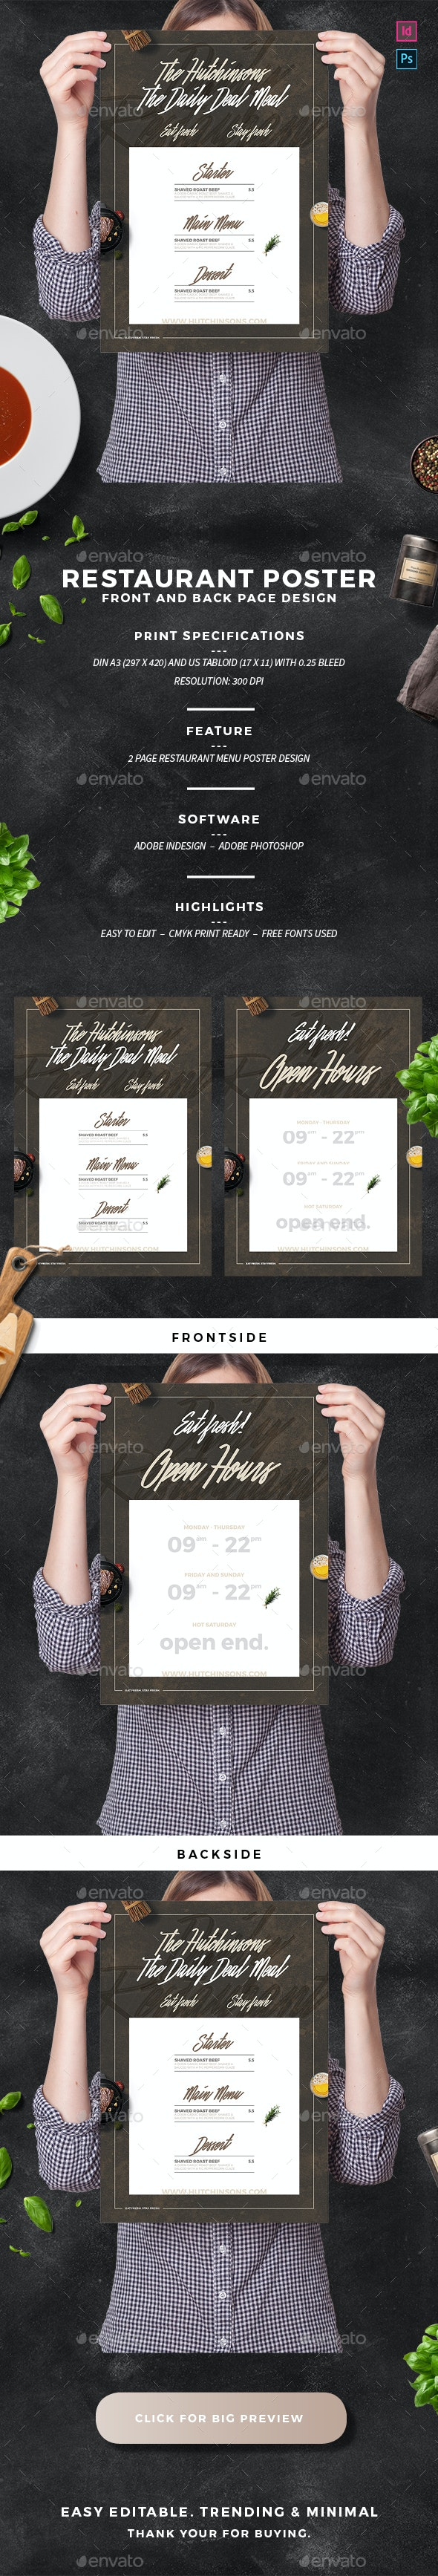 Restaurant Poster - Restaurant Flyers